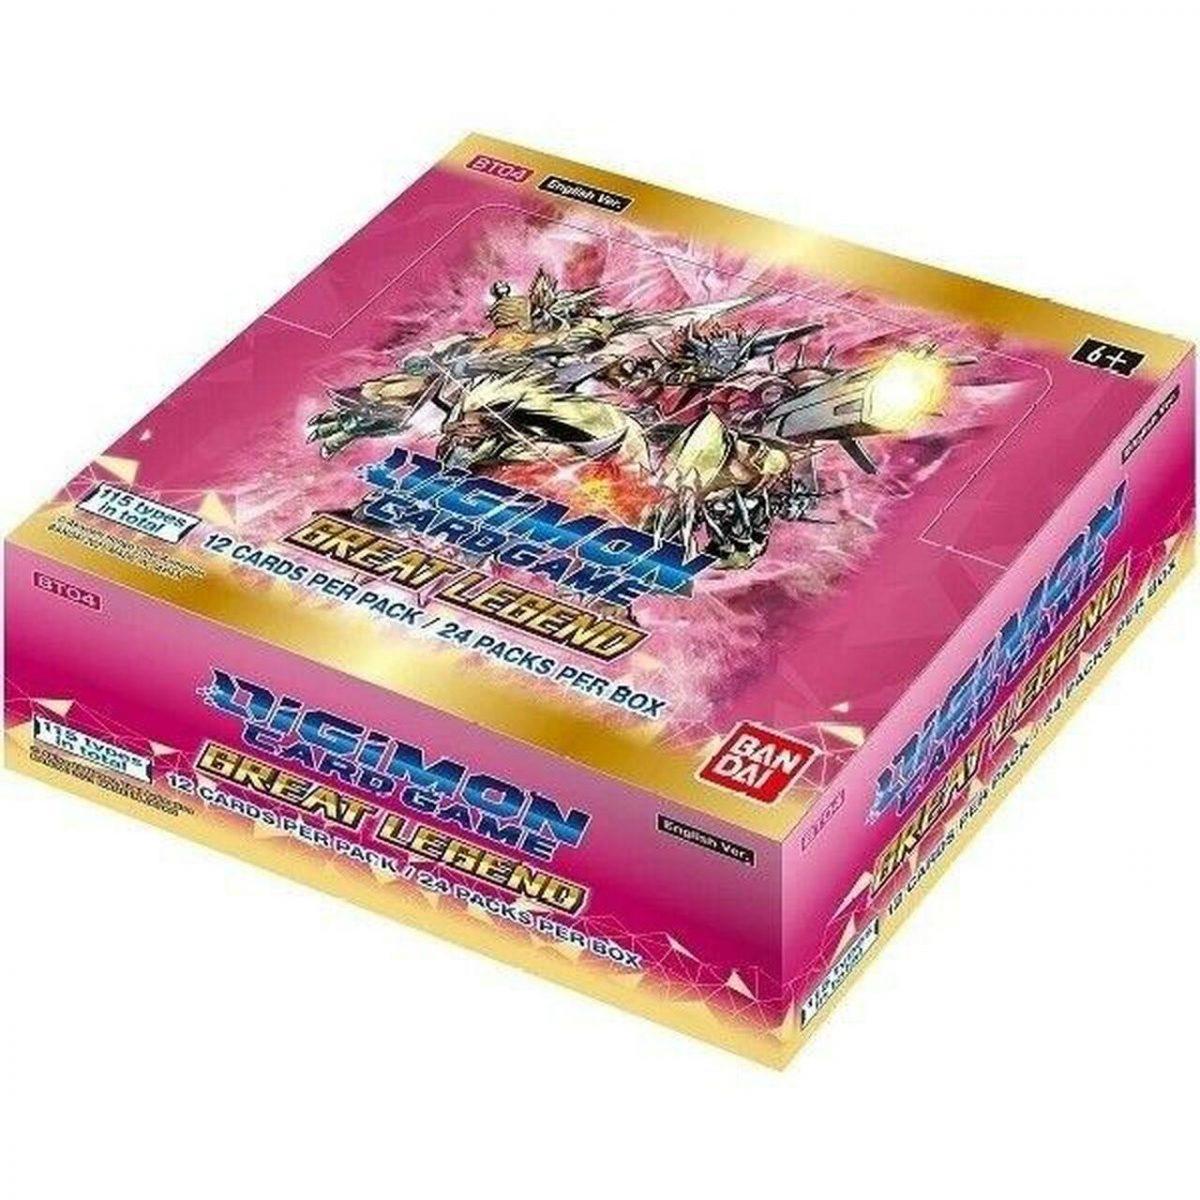 2021-Digimonn-TCG-BT04-Great-Legend-Booster-Box